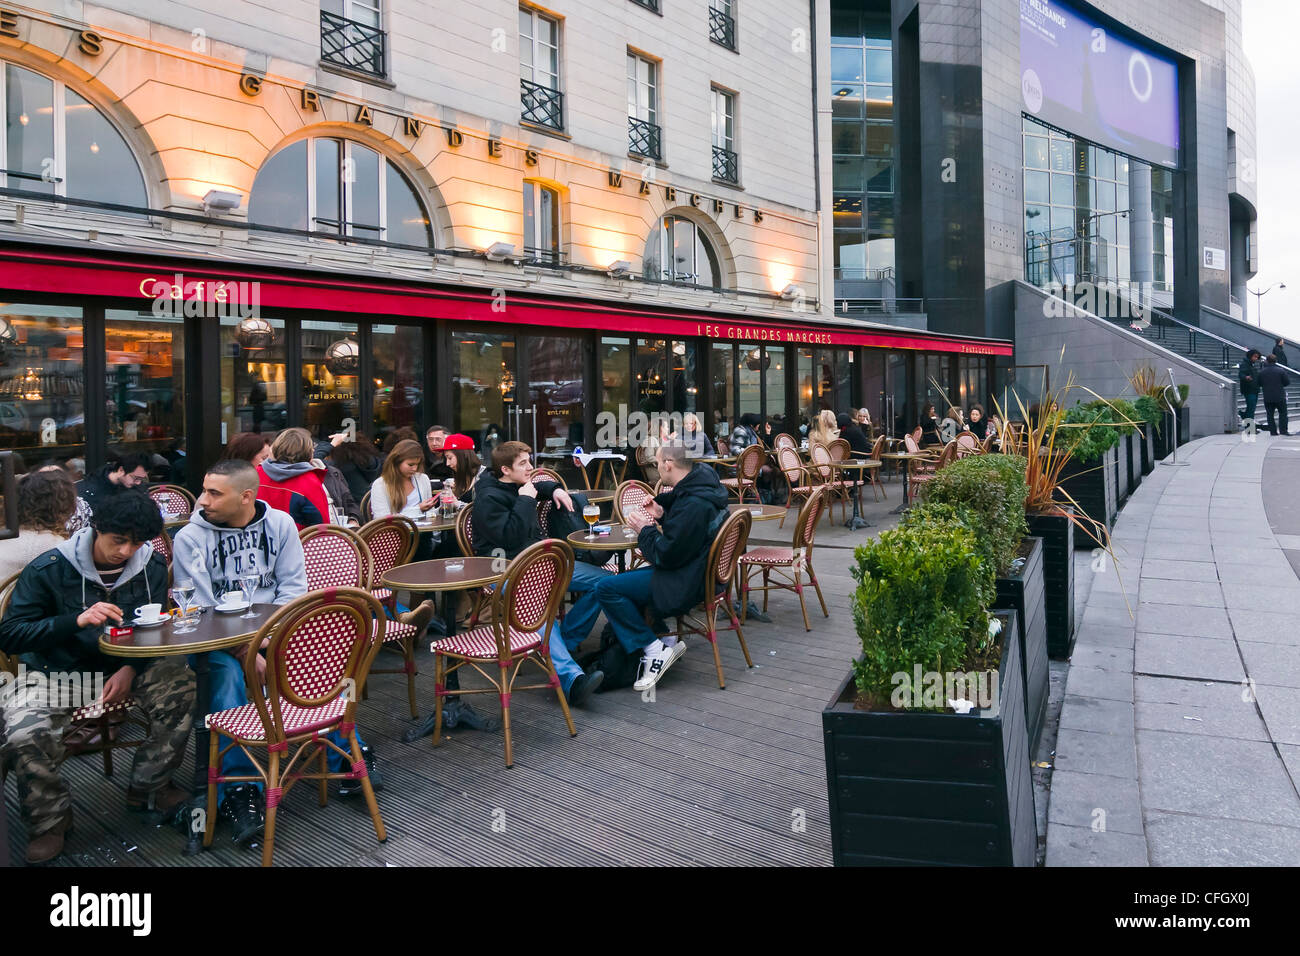 Cafe Francais Place De La Bastille